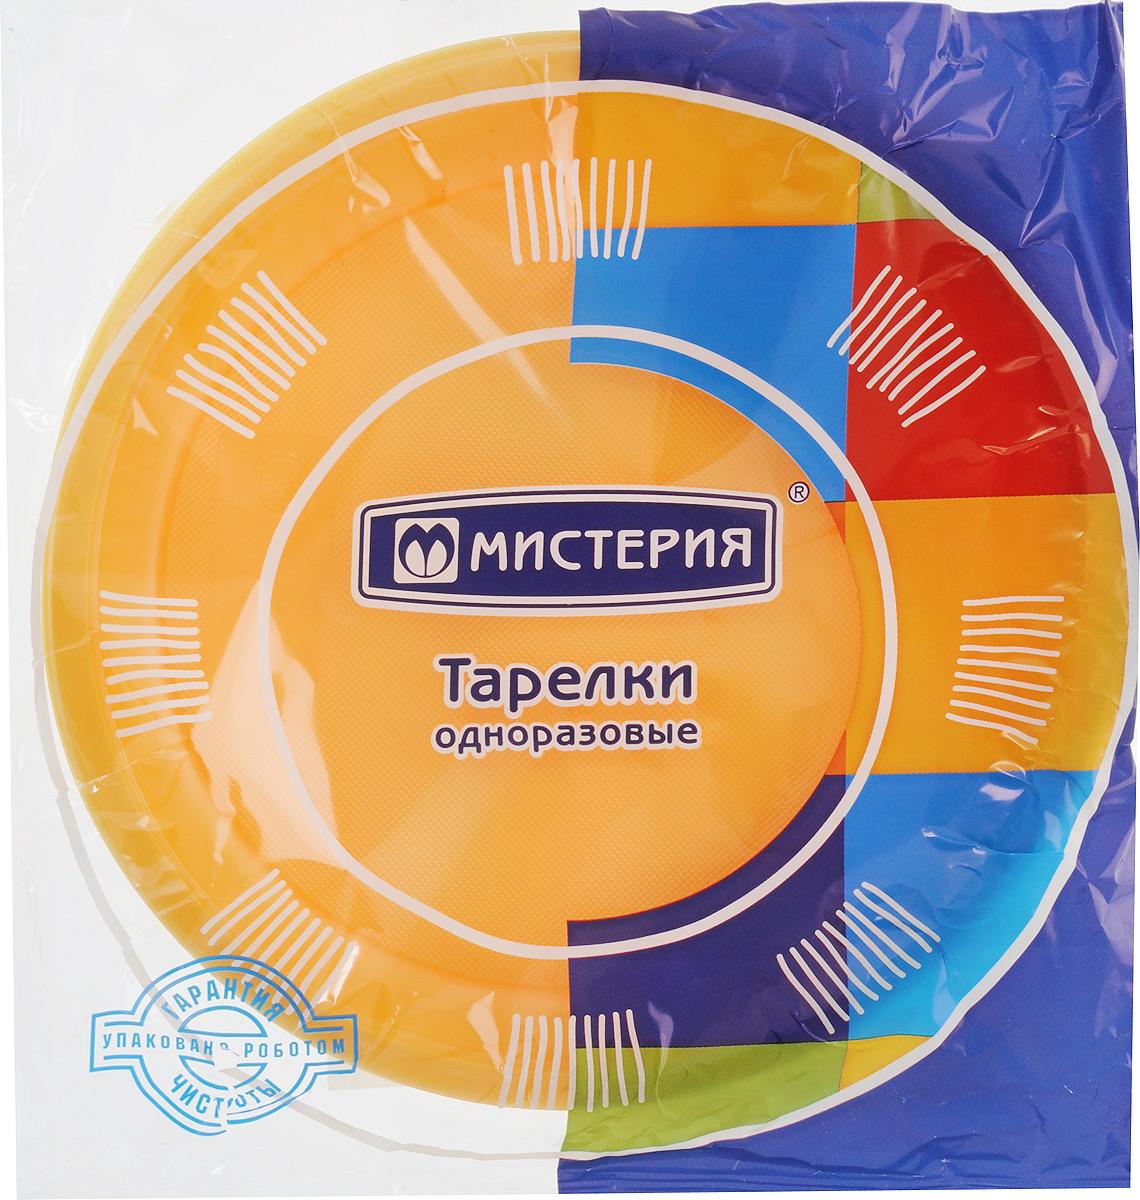 Набор одноразовых тарелок Мистерия, цвет: желтый, диаметр 21 см, 12 штПОС08363Набор Мистерия состоит из 12 круглых тарелок, выполненных из полистирола и предназначенных для одноразового использования. Подходят для холодных и горячих пищевых продуктов.Одноразовые тарелки будут незаменимы при поездках на природу, пикниках и других мероприятиях. Они не займут много места, легки и самое главное - после использования их не надо мыть.Диаметр тарелки: 21 см.Высота тарелки: 1,5 см.